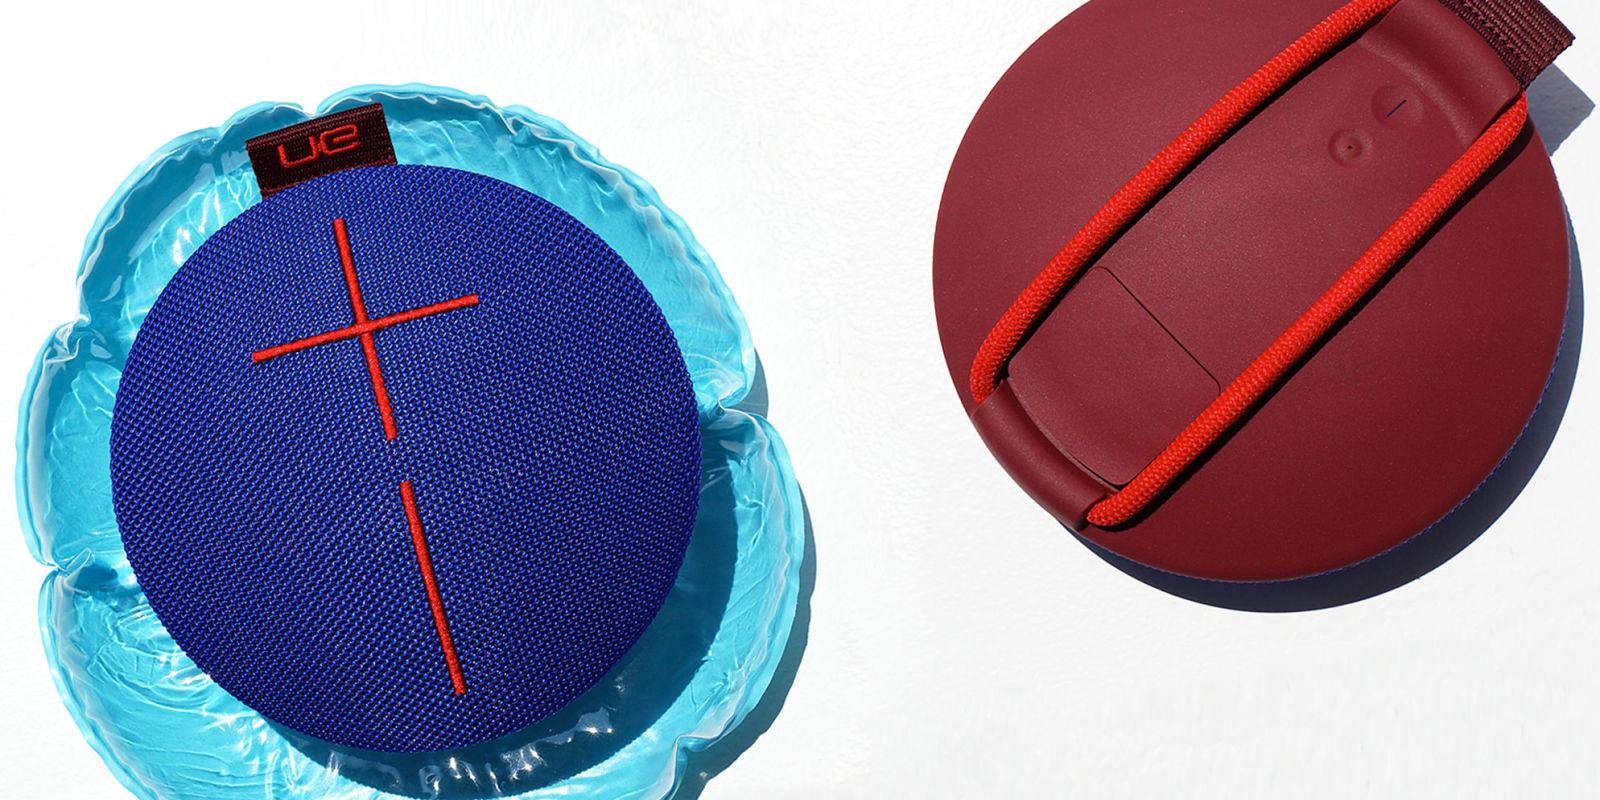 Ue Design Best: Logitech's New UE ROLL 2 Waterproof Speaker Review 2018